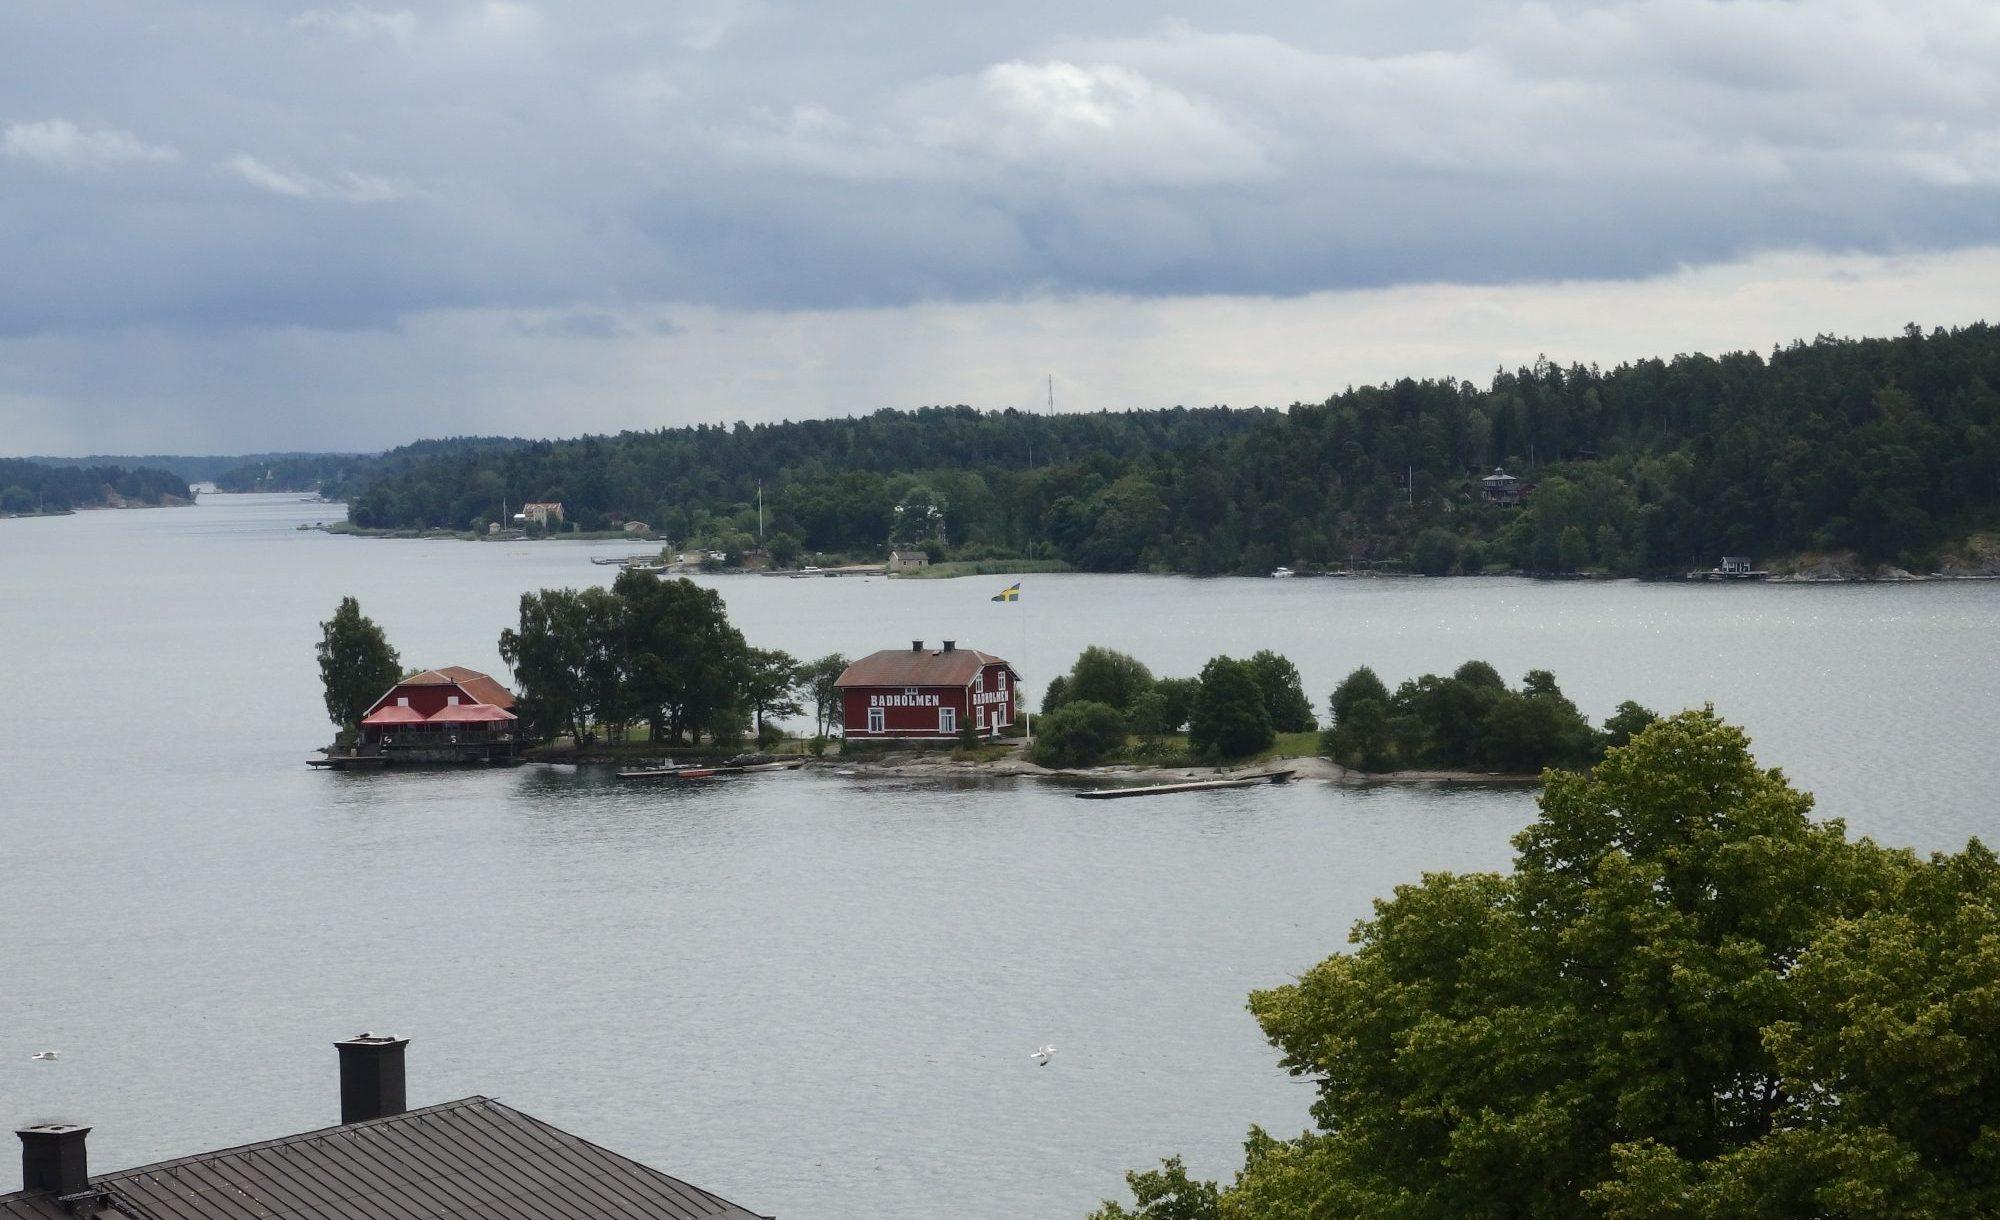 islands in the Stockholm archipelago, Sweden